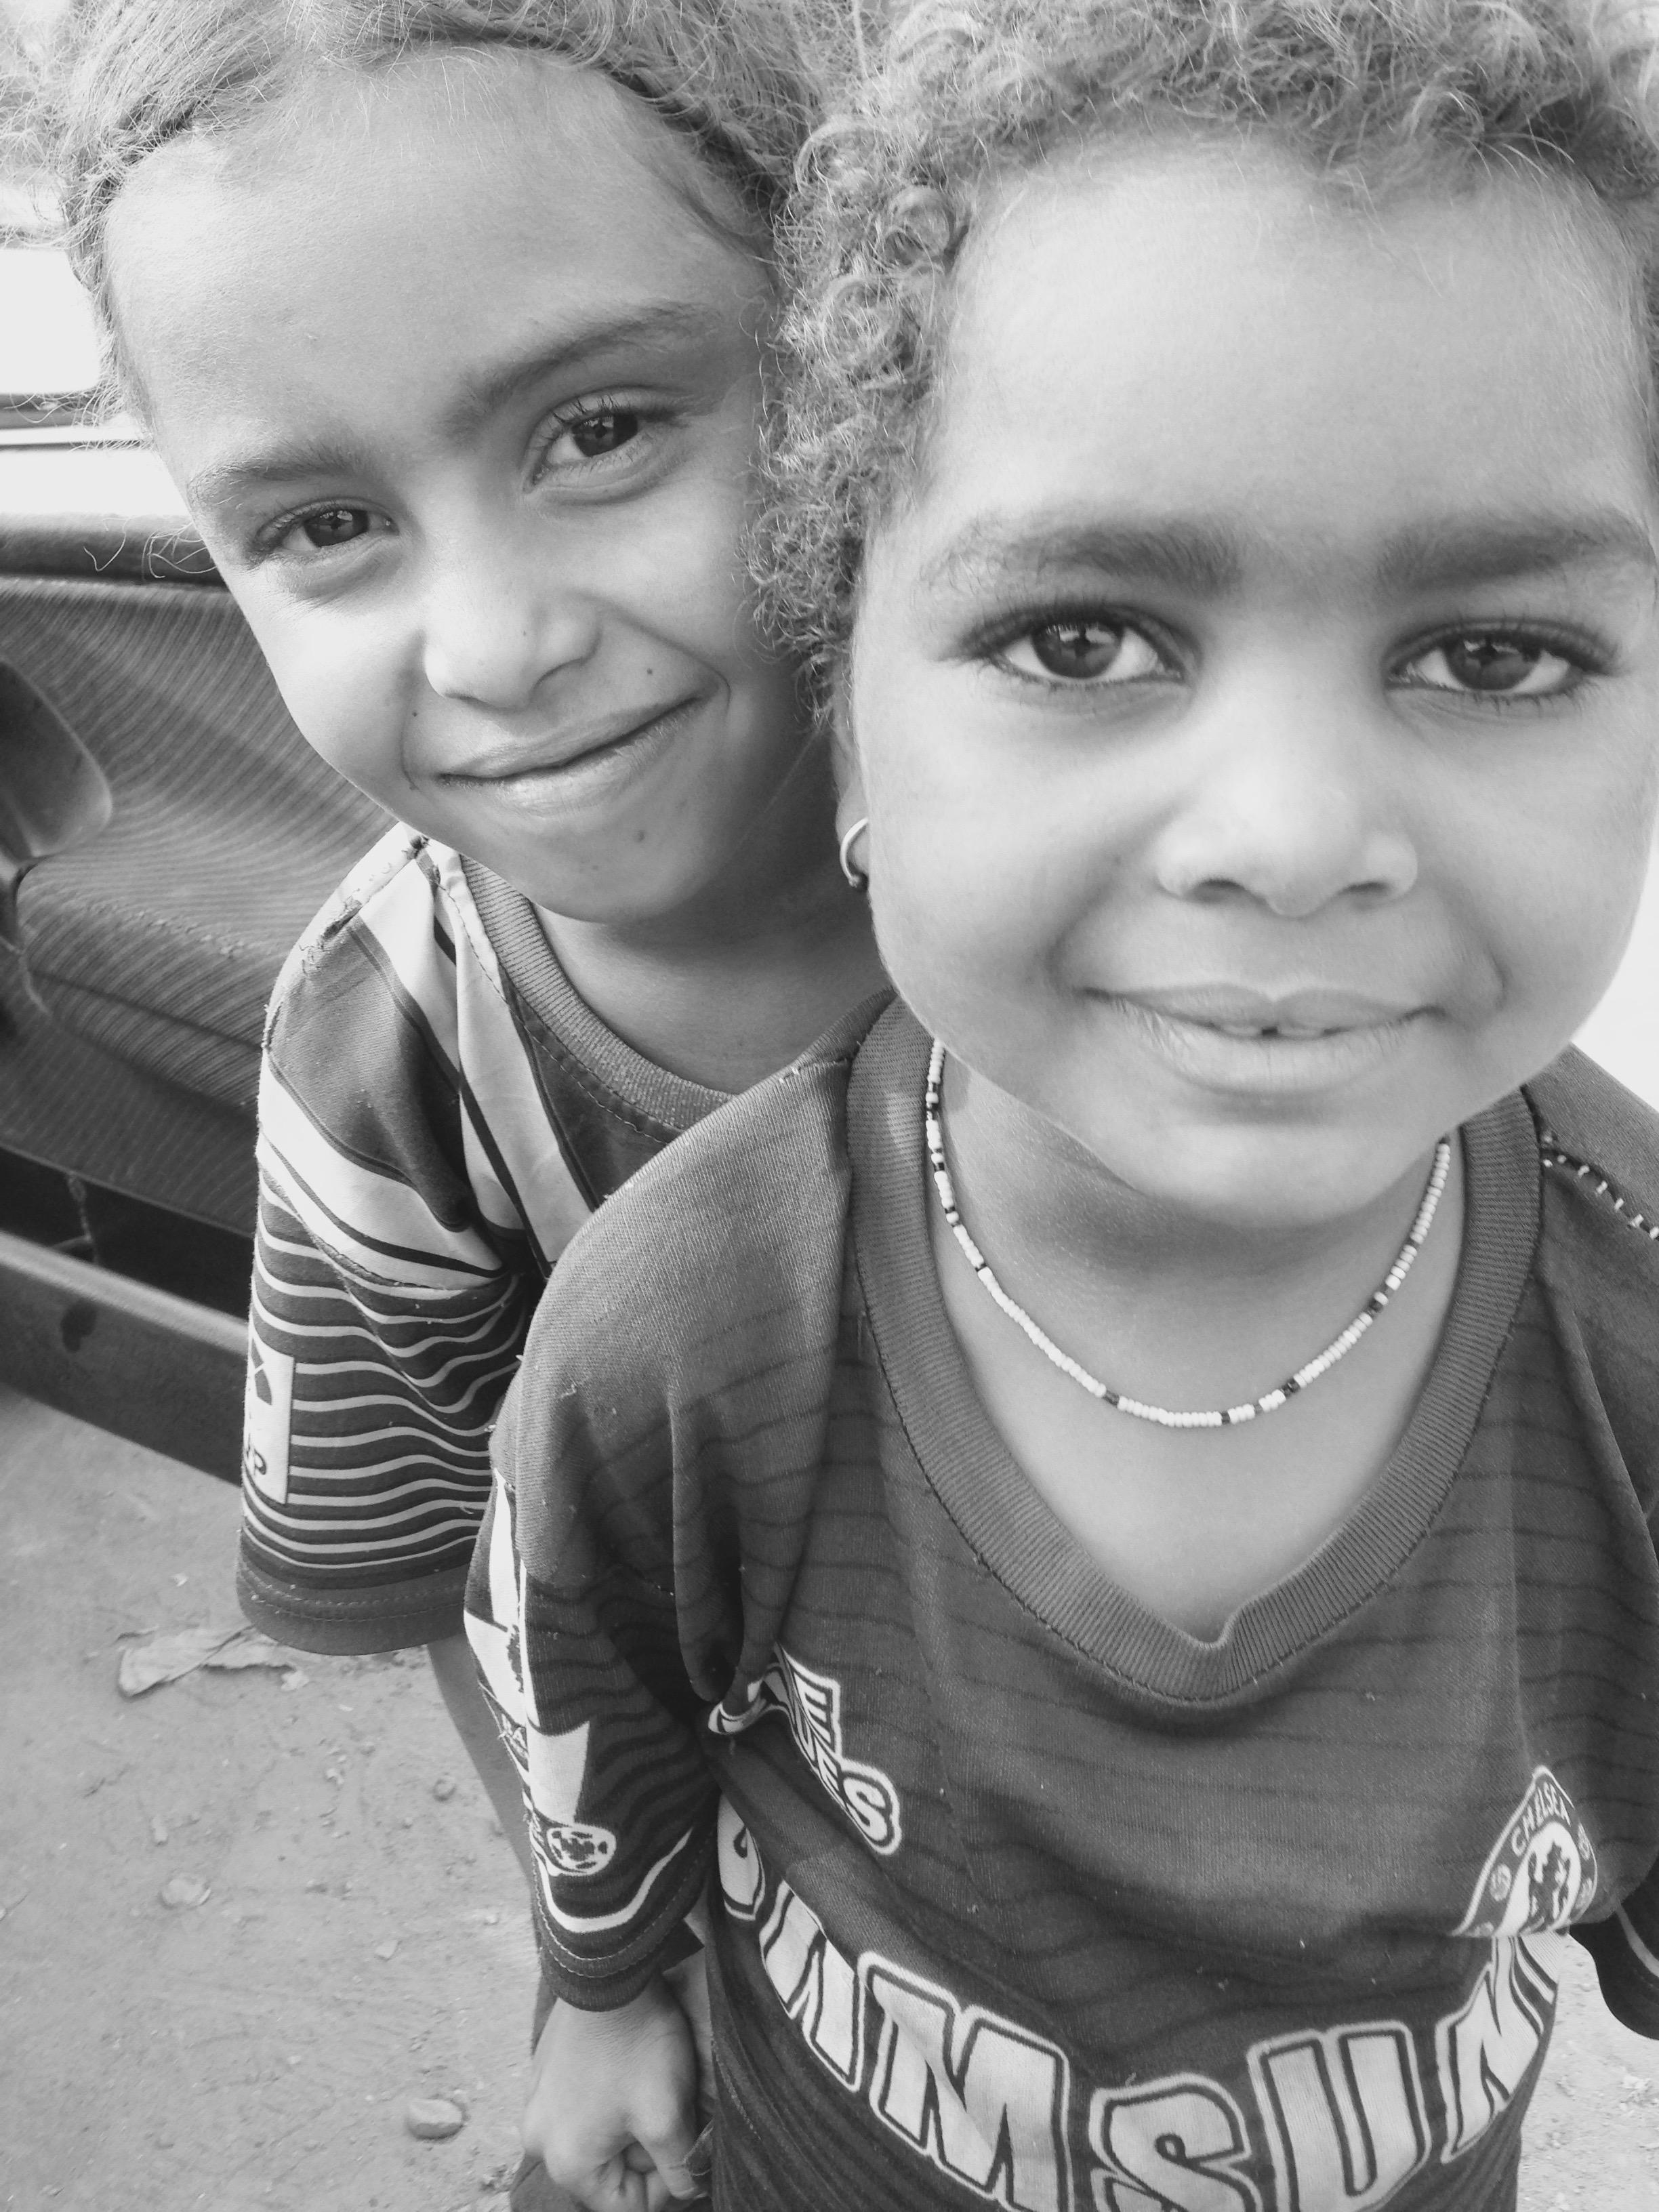 Chadian Kids in Ibadan